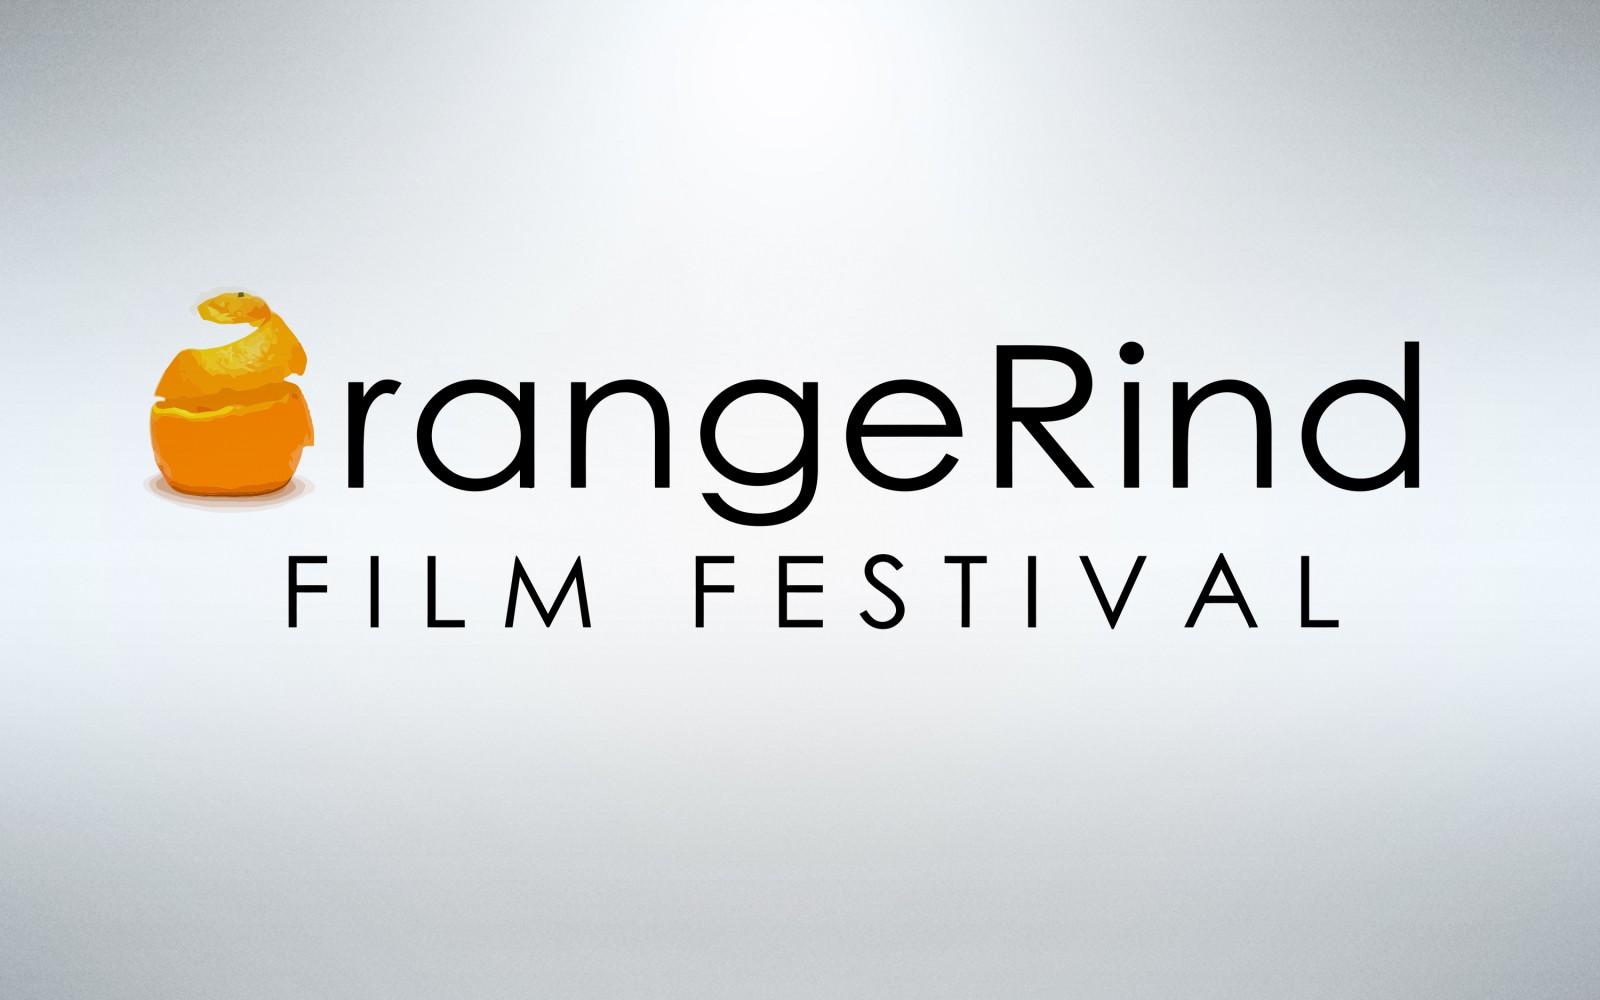 OrangeRind Film Festival